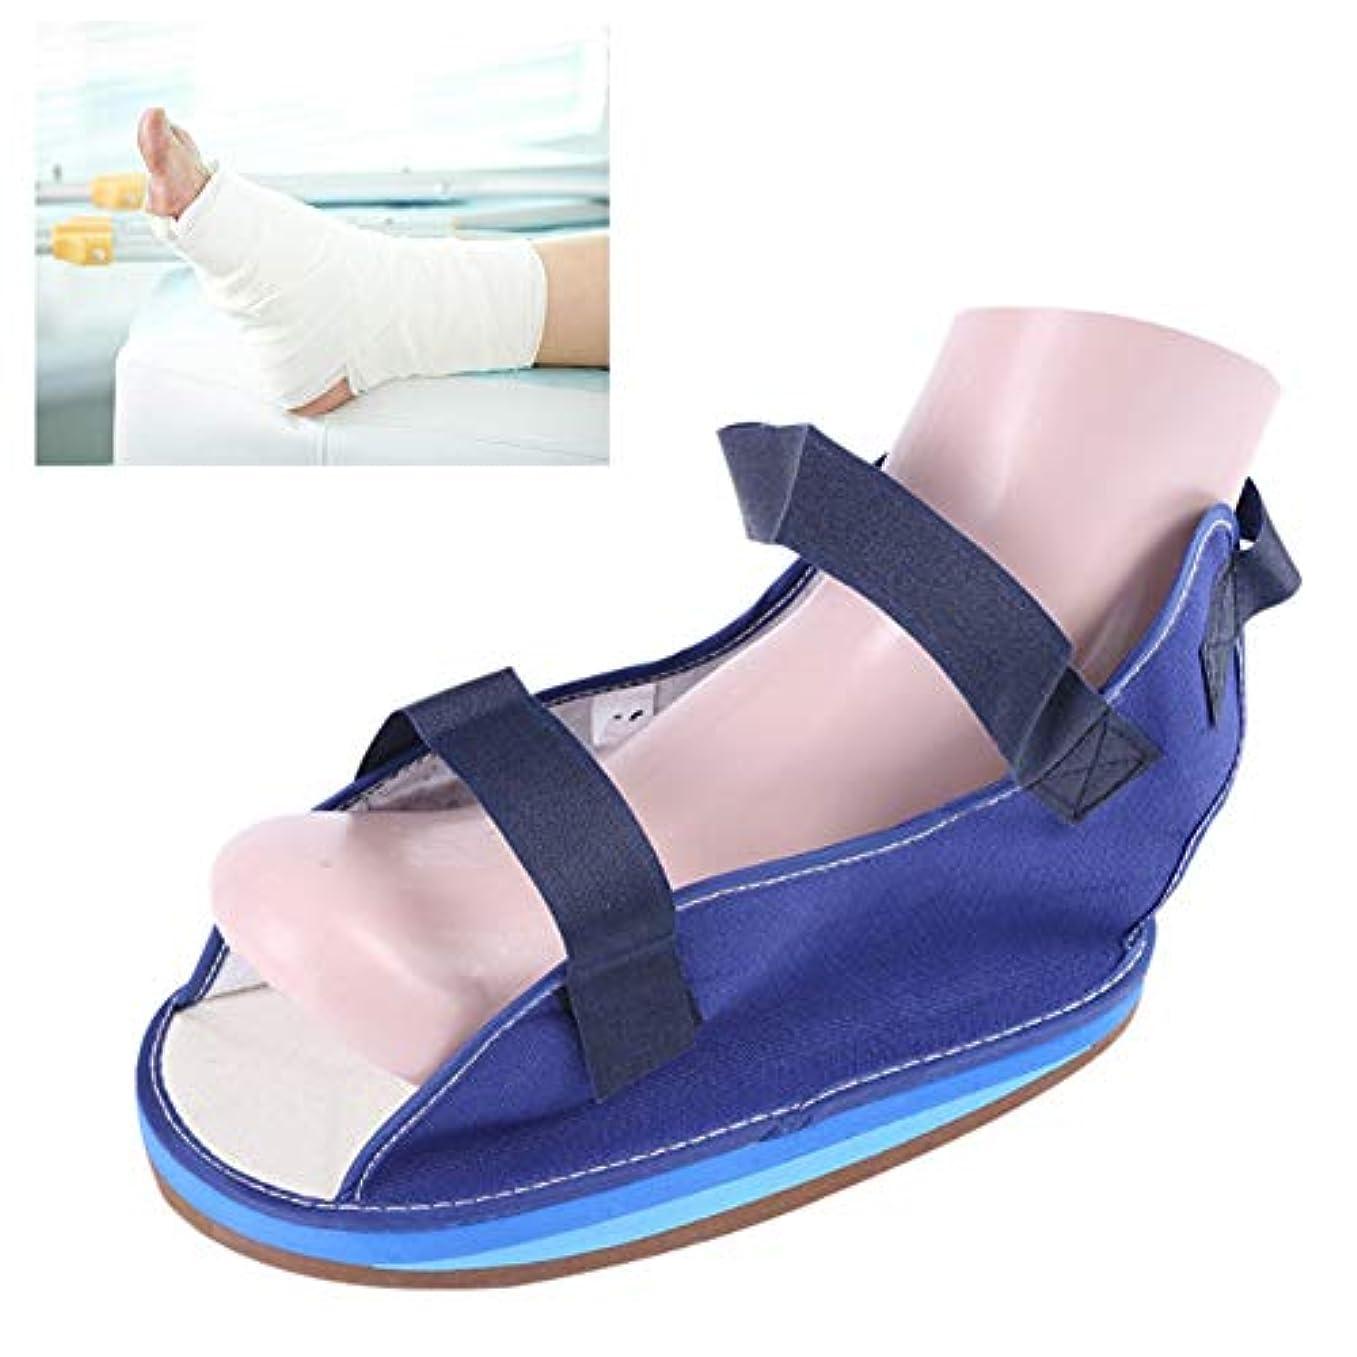 懇願するサンダーグリーンランドキャスト医療靴術後歩行ブートヒーリングリハビリ石膏靴外科的骨折足用靴,30cm2pcs